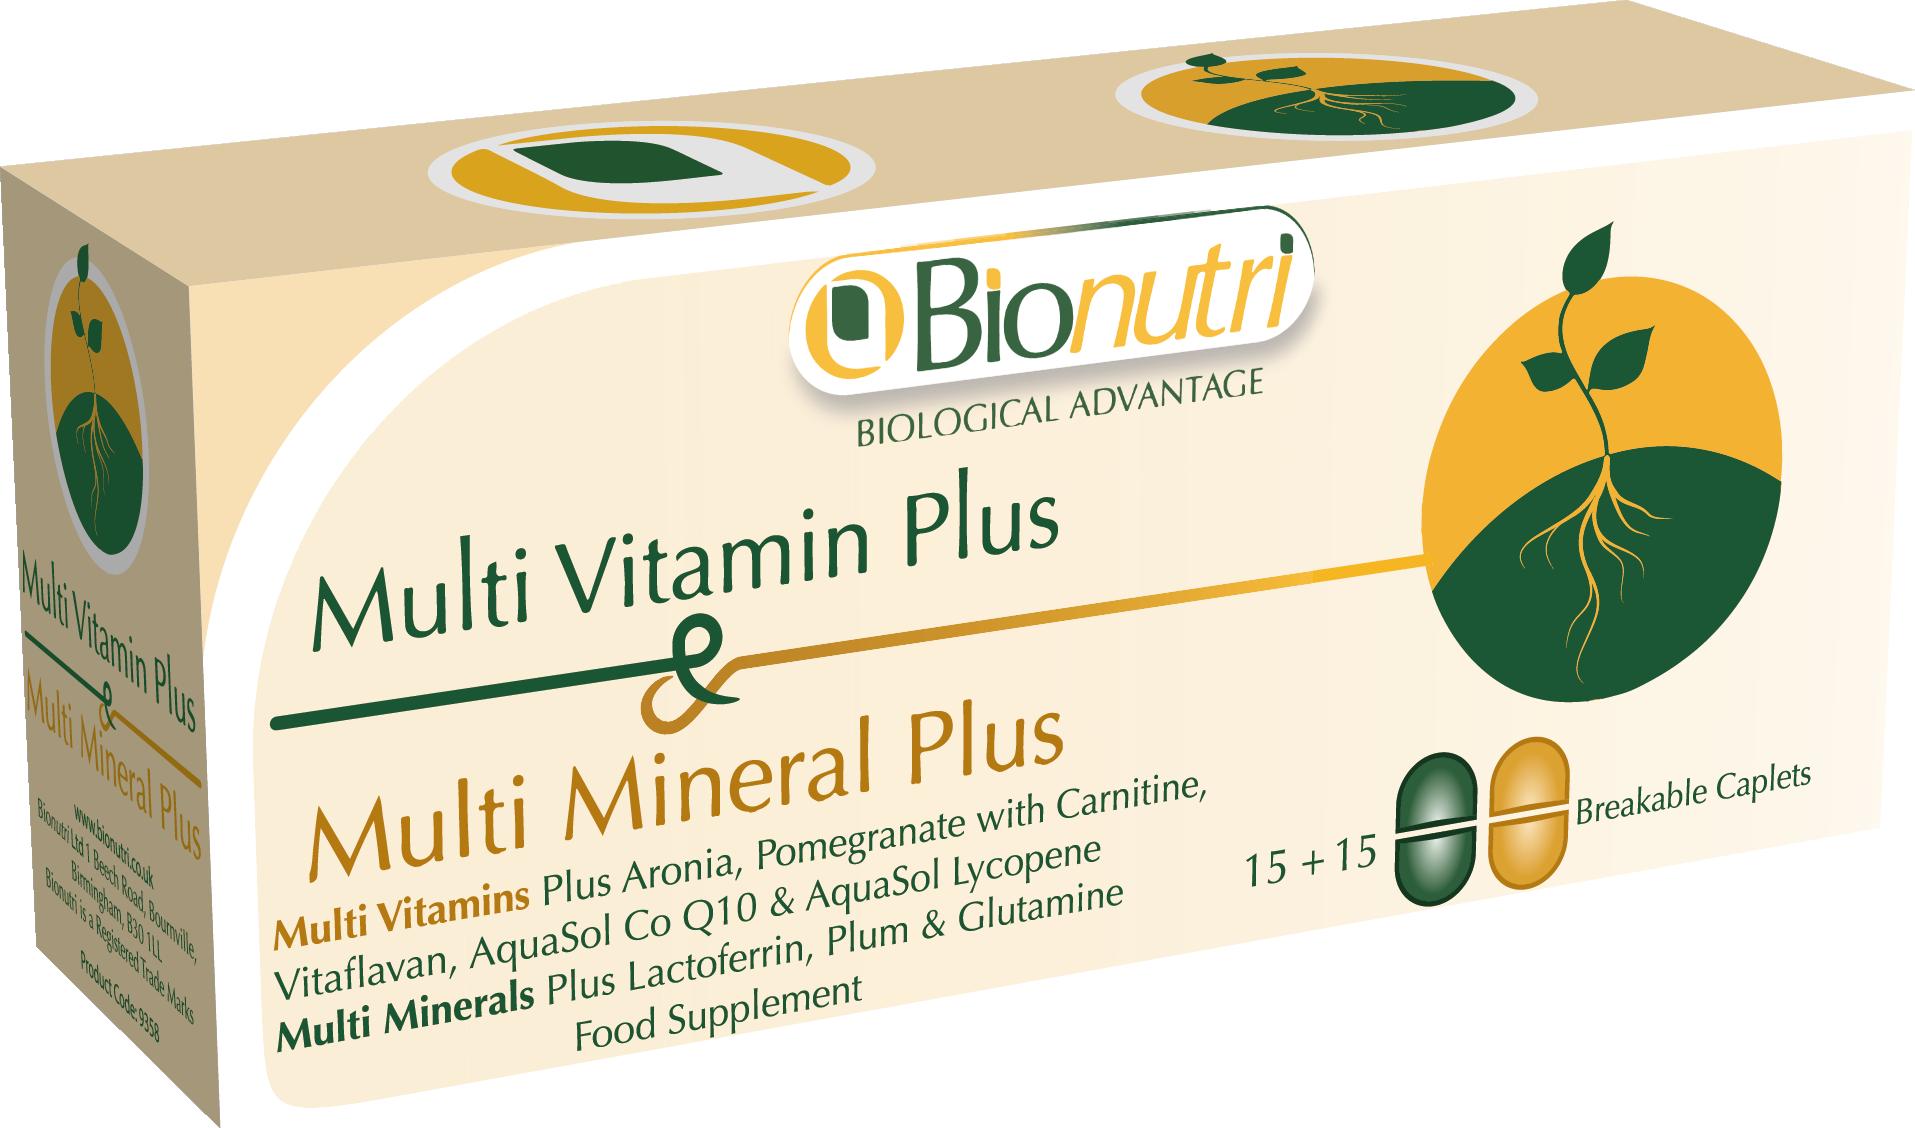 Multi Vitamin & Mineral Plus 15 + 15